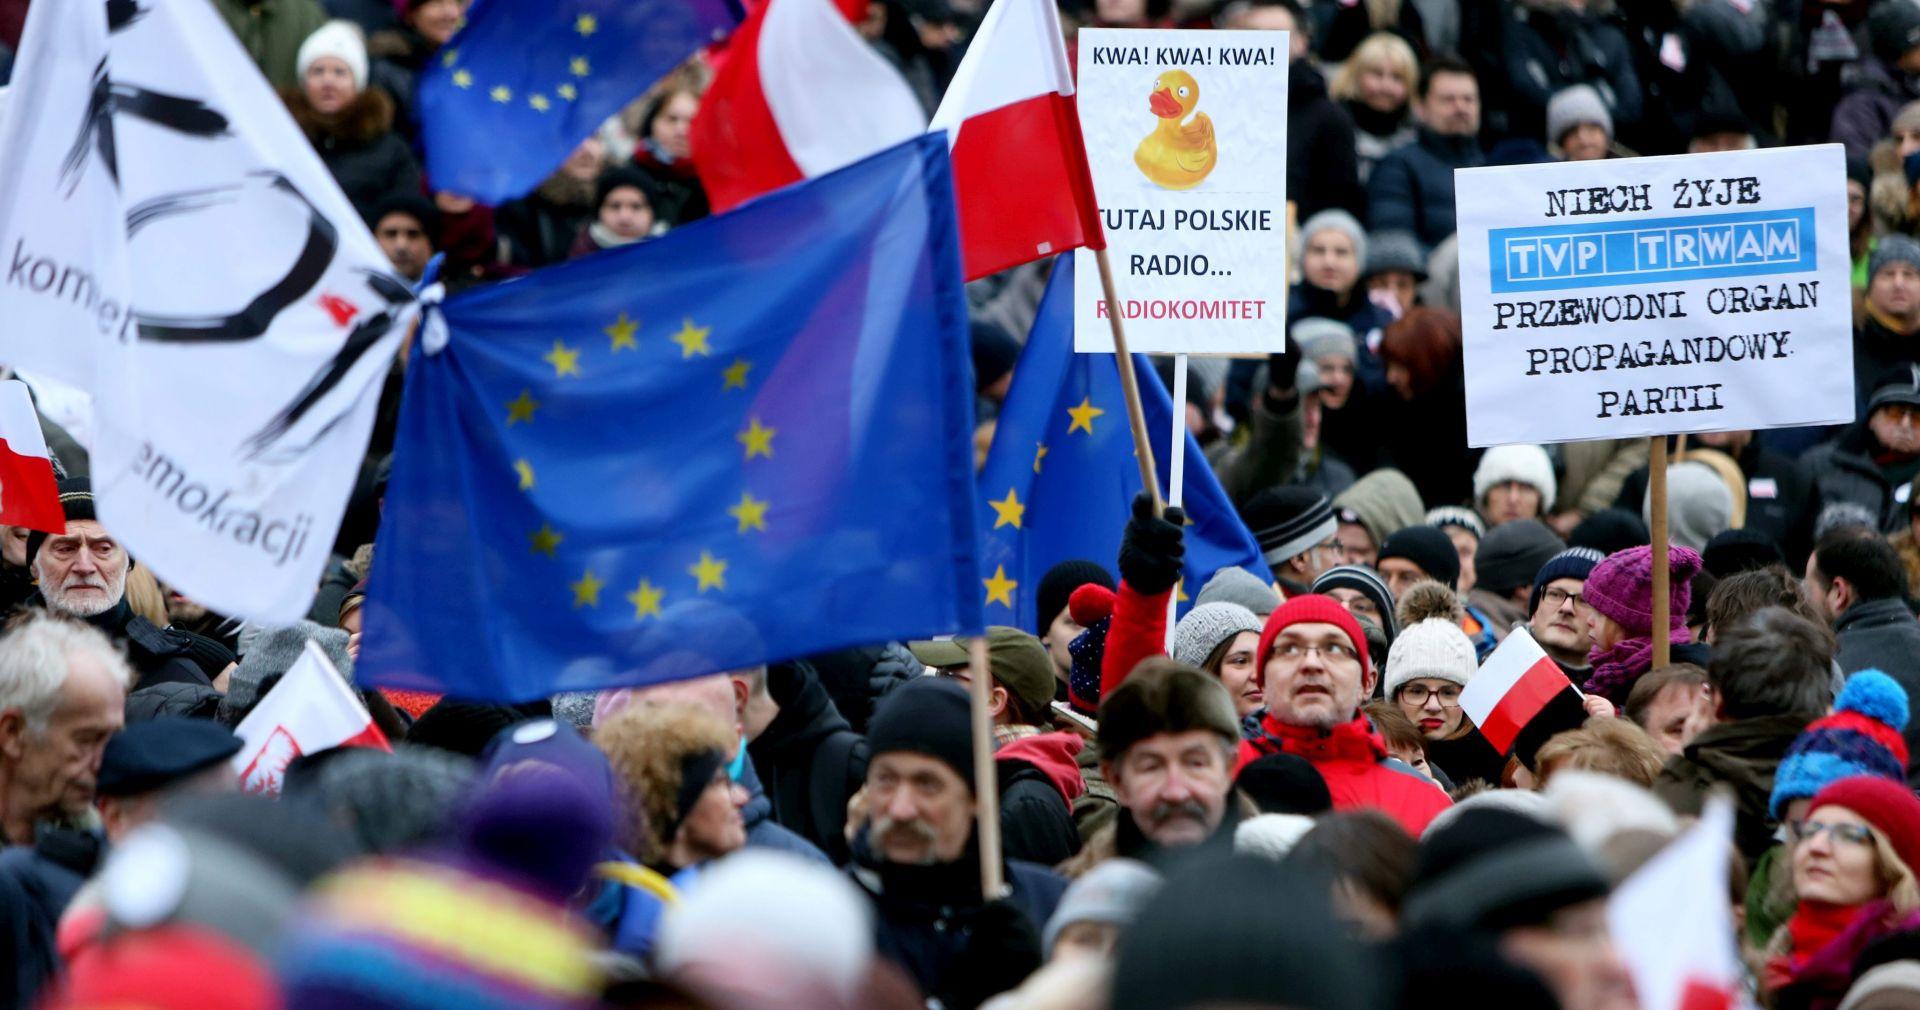 PROTIV ODLUKE VLADE: Tisuće Poljaka izišle na ulice u obranu javnih medija